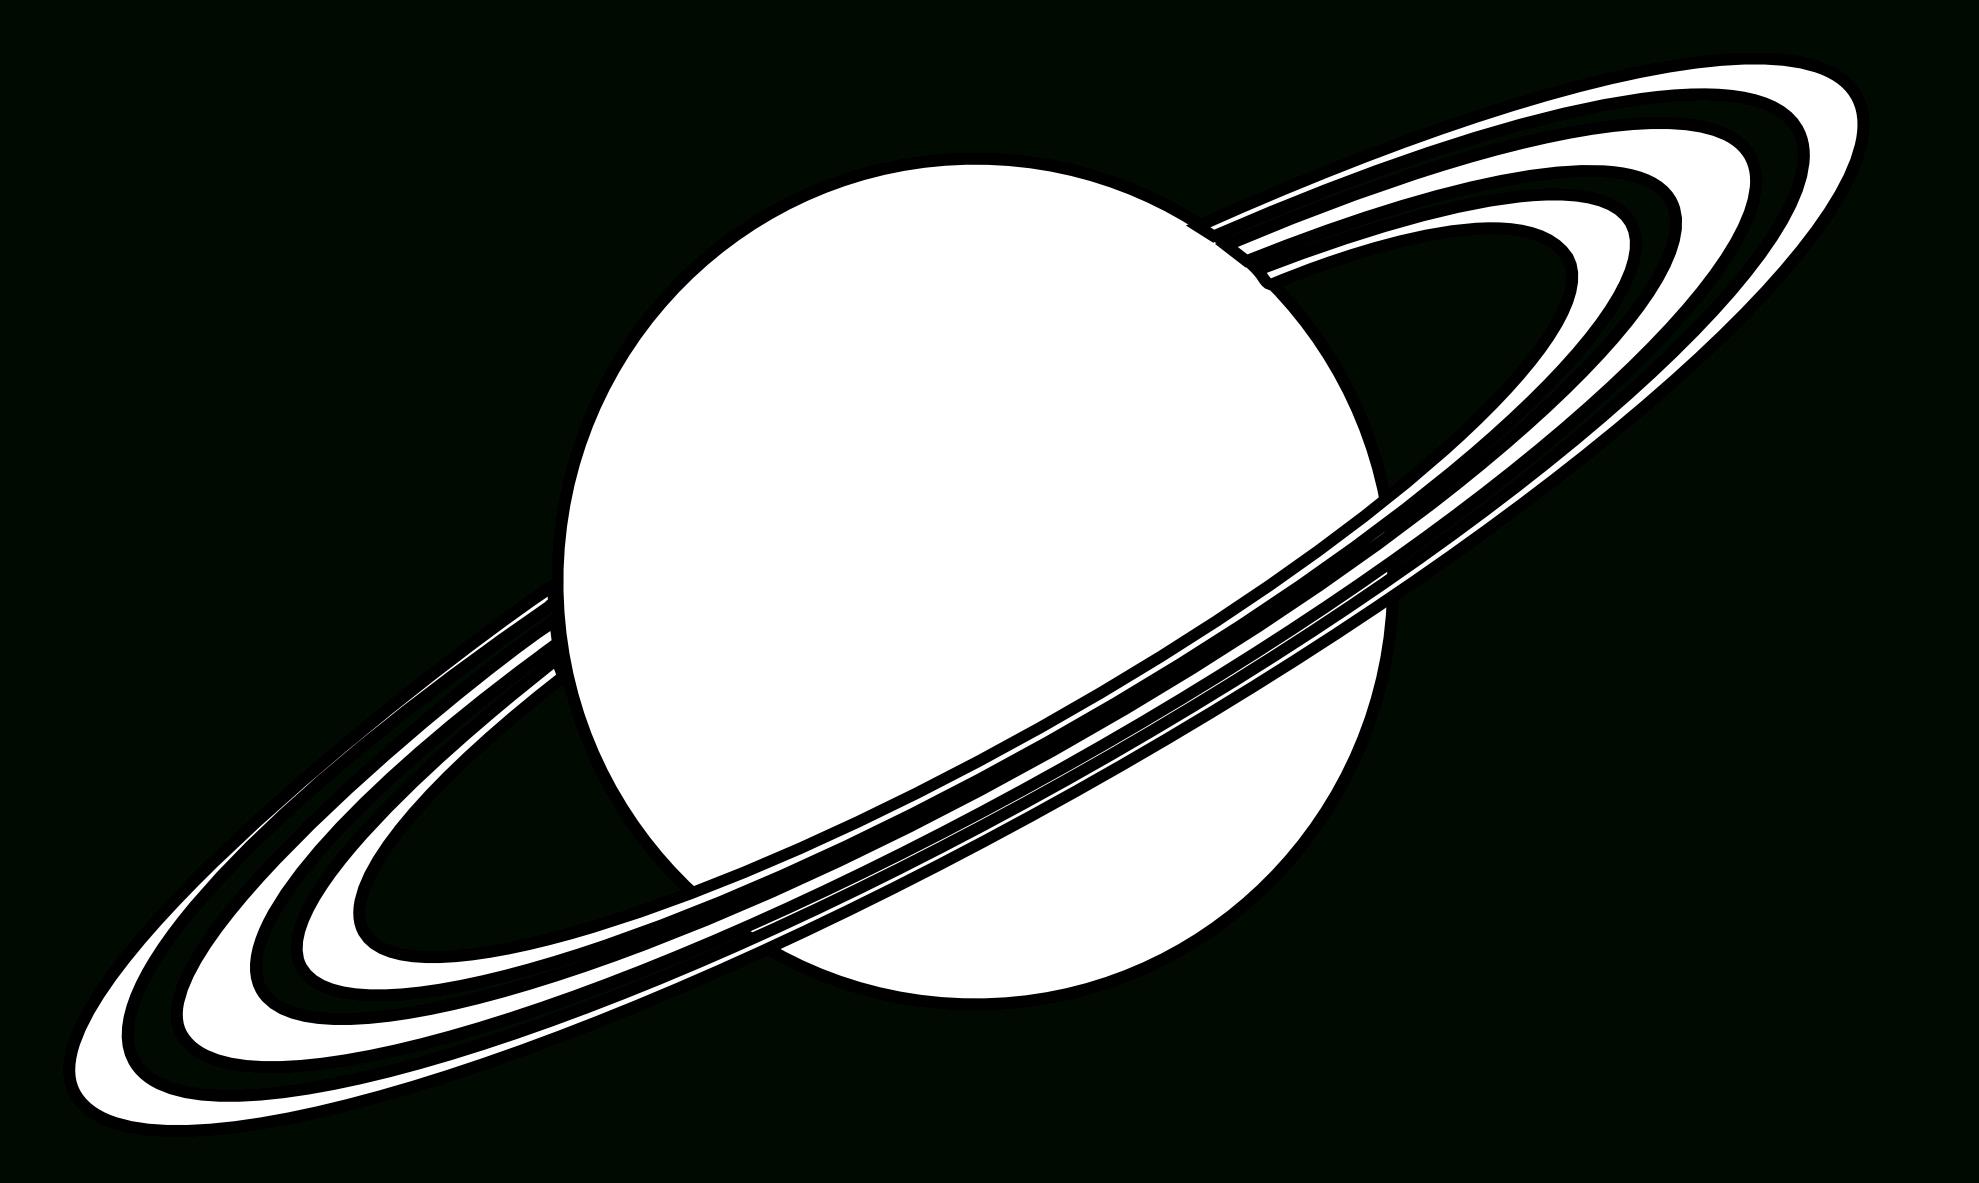 Planète #38 (Nature) – Coloriages À Imprimer à Saturne Dessin